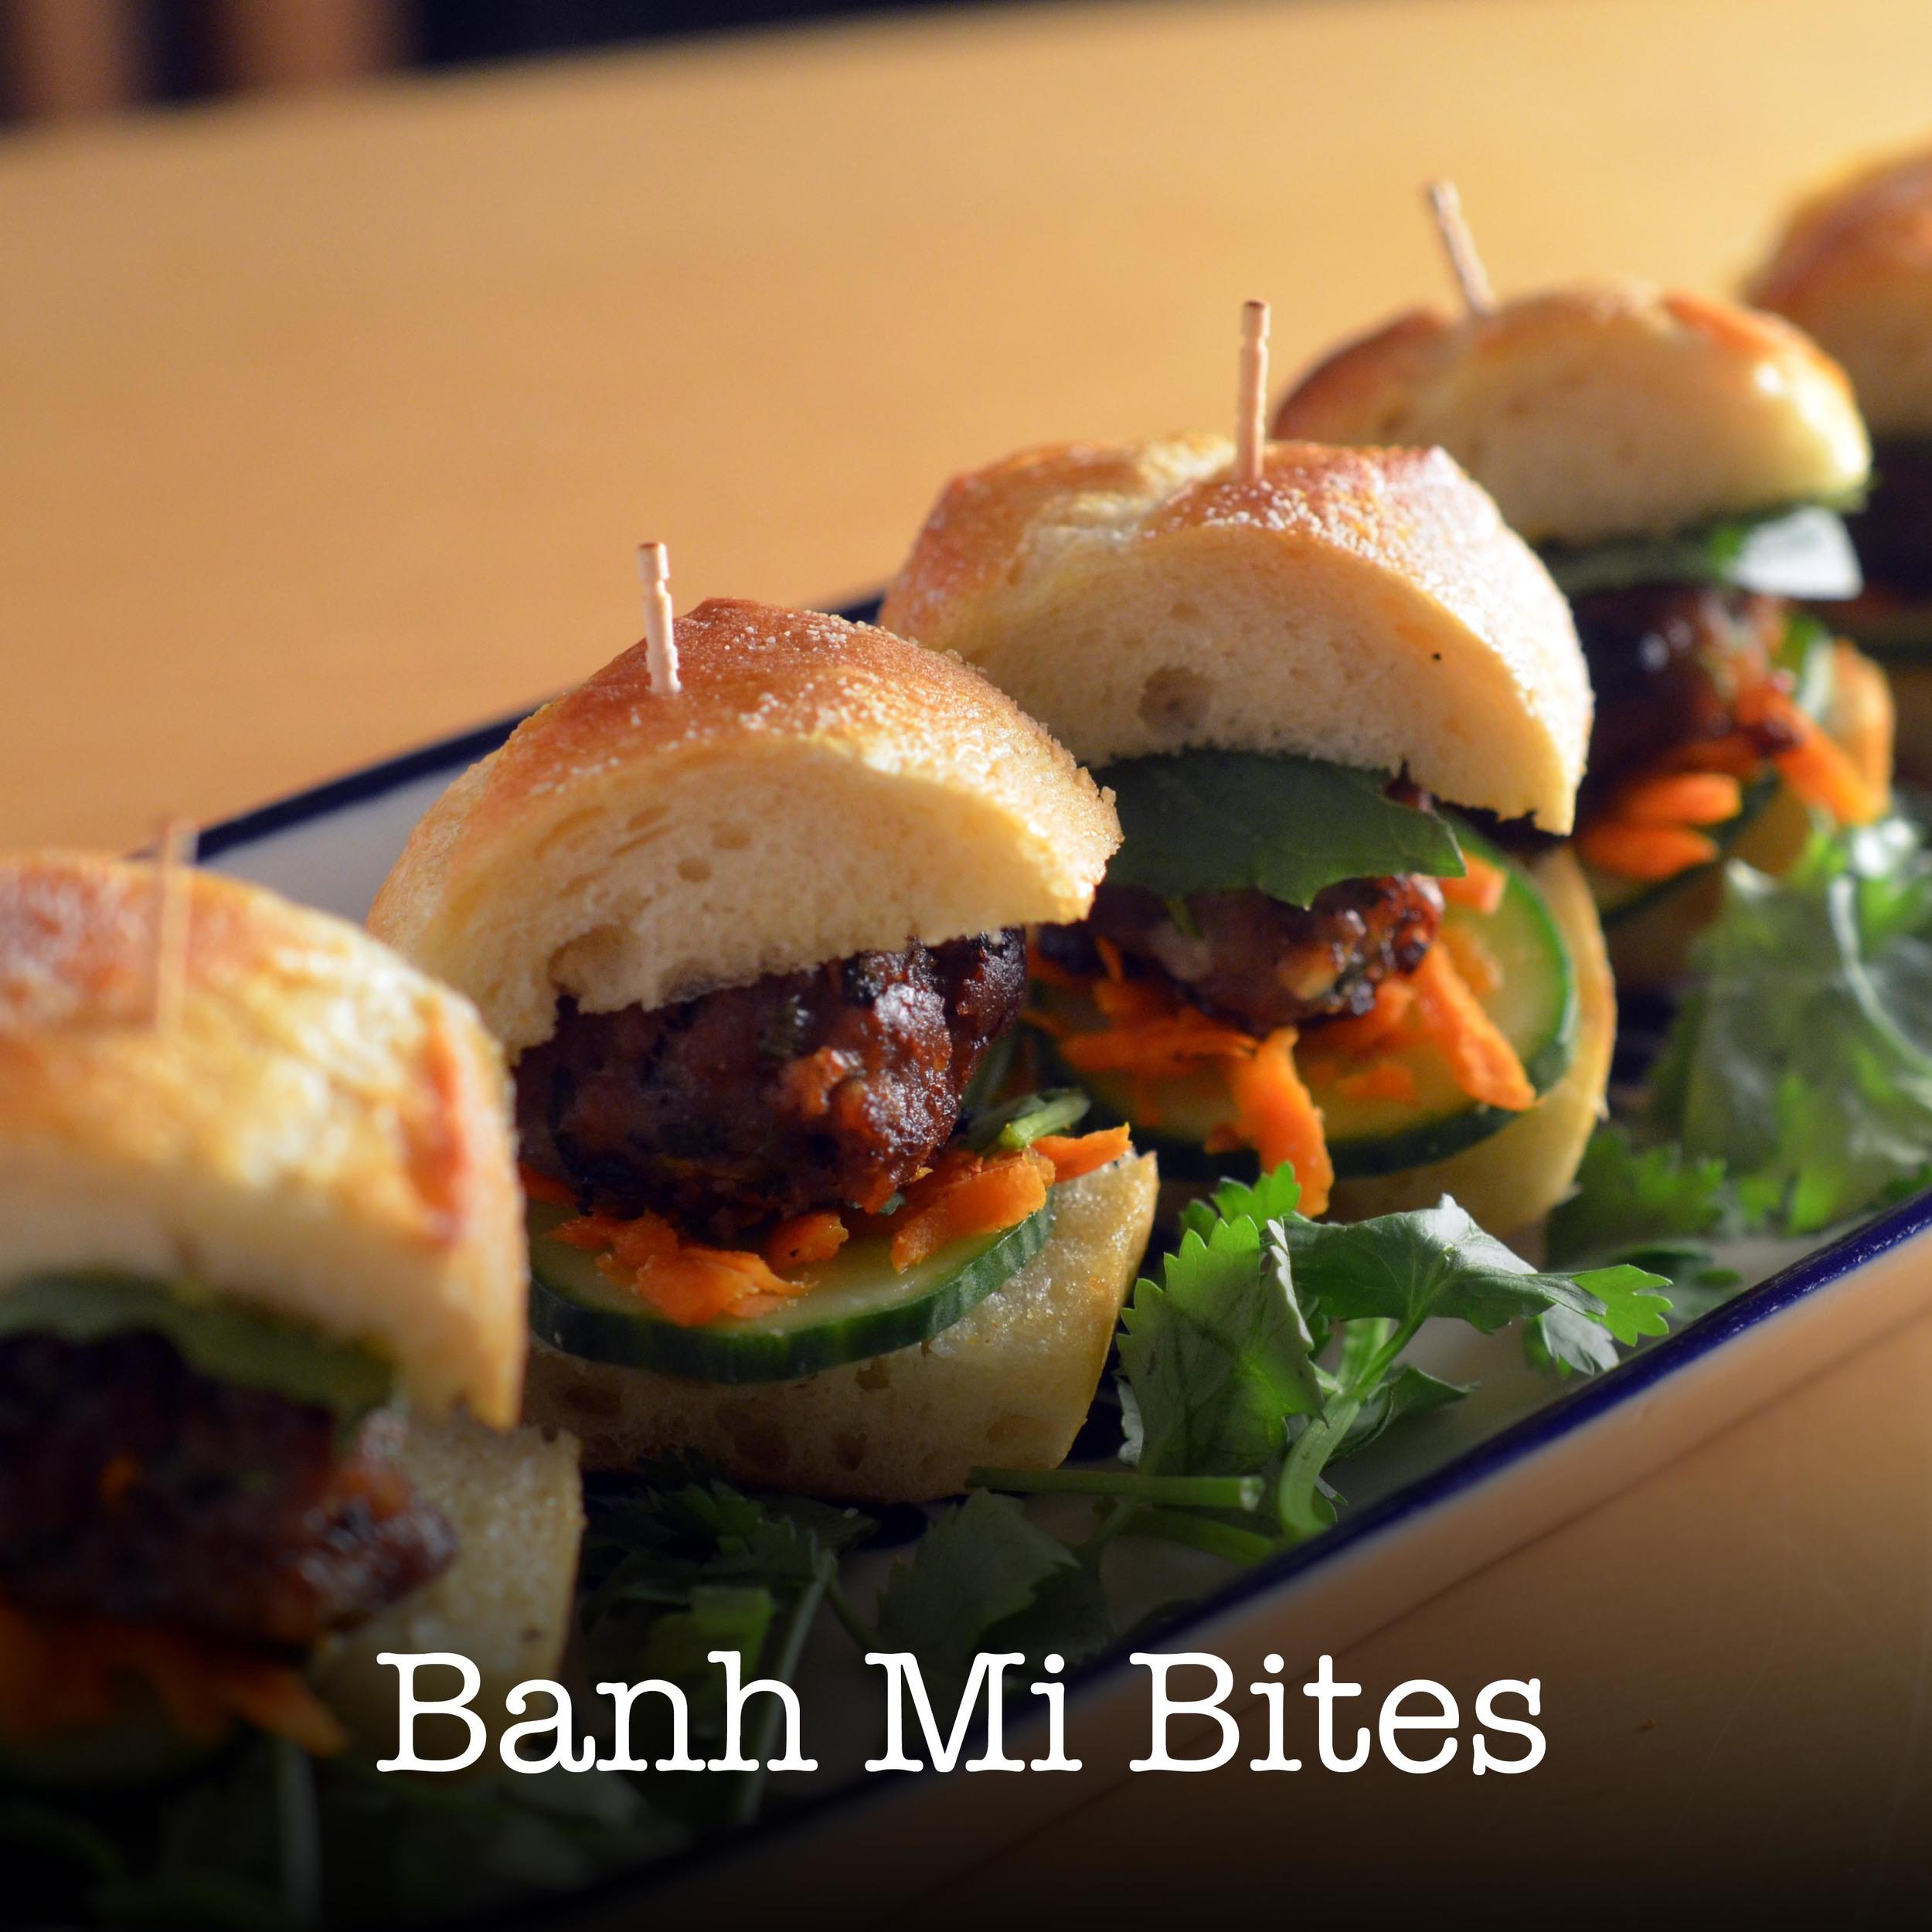 Banh Mi Bites.jpg